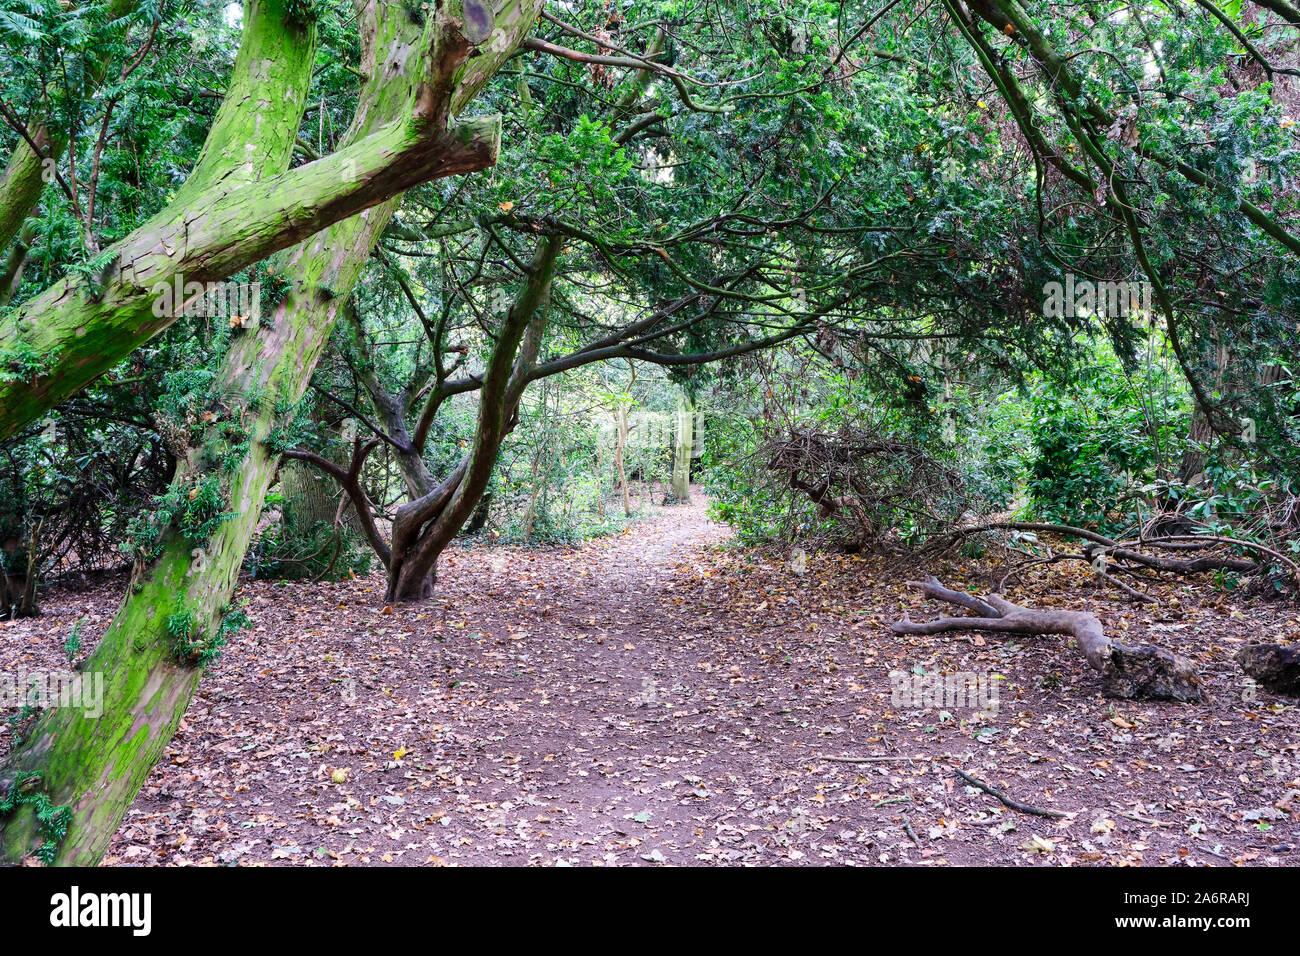 Hoja angosta apartada stewn sobresaliendo por el camino a través de los árboles en los bosques, en la entrada a Acton Burnell Castillo en Shropshire Inglaterra Foto de stock